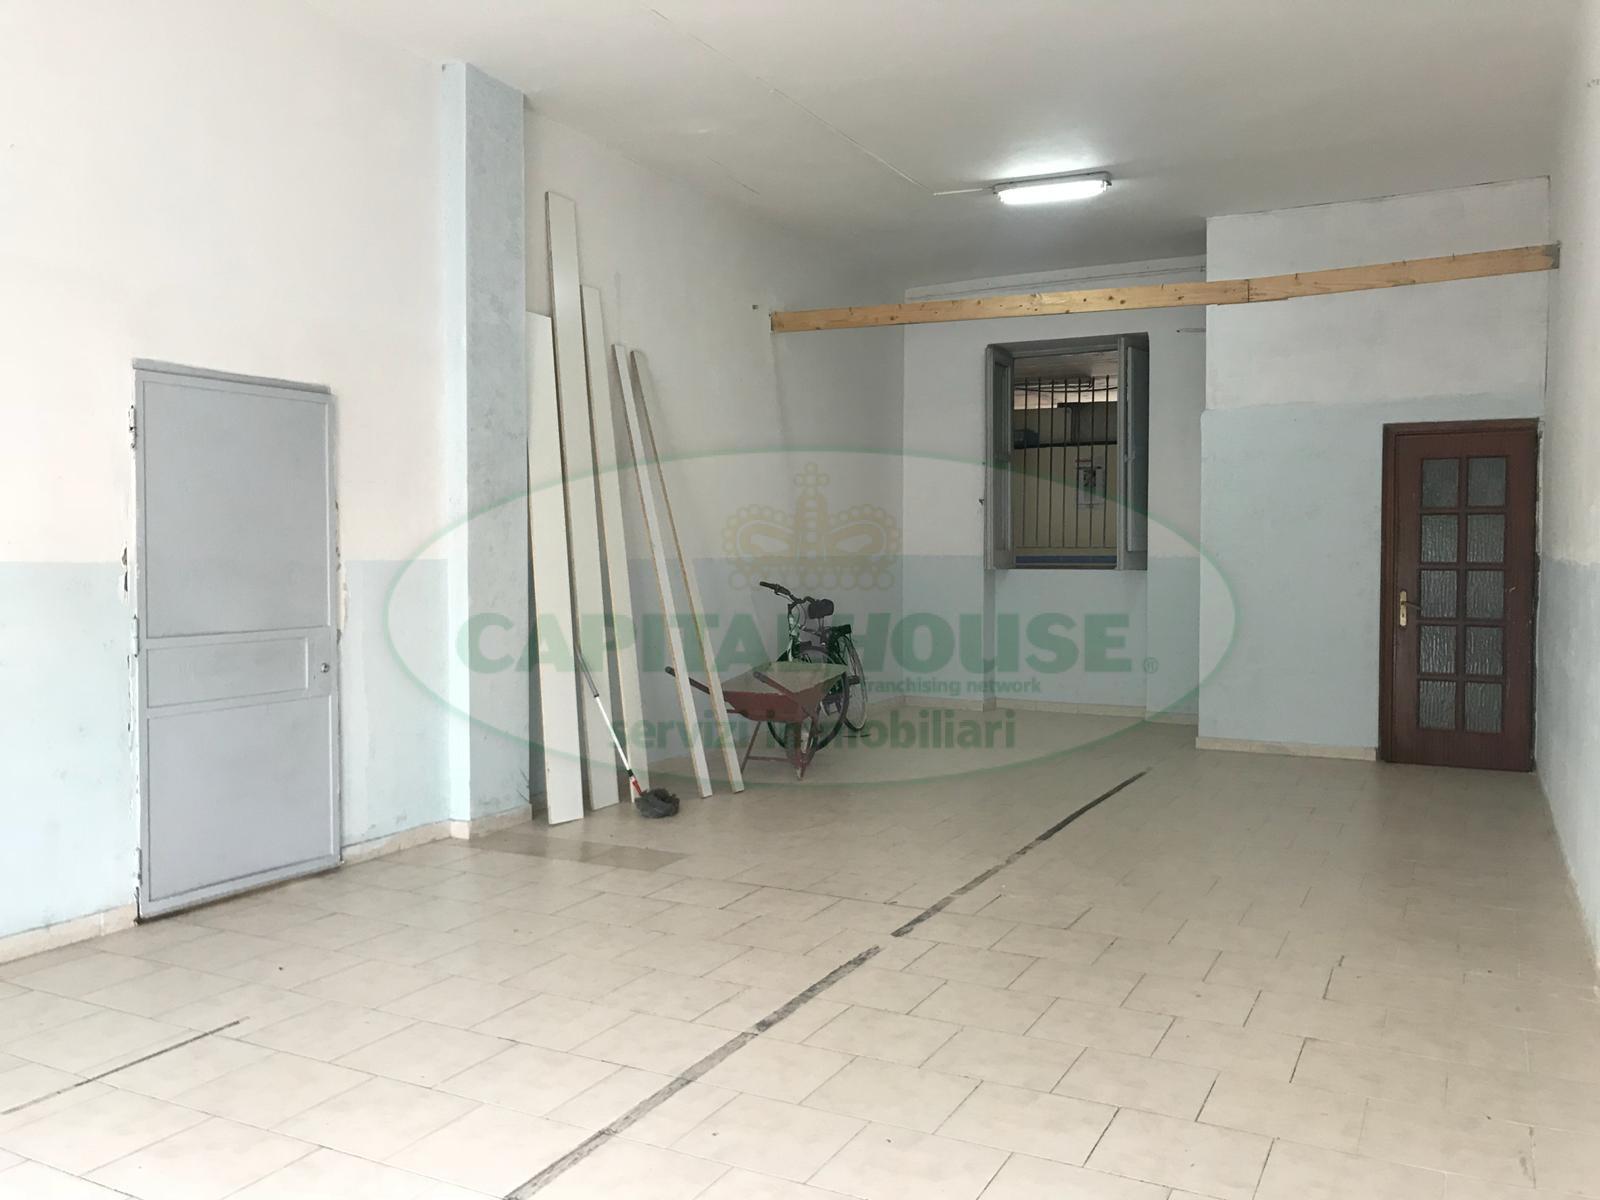 Ufficio / Studio in affitto a Afragola, 9999 locali, zona Località: ZonaSanMichele, prezzo € 300 | CambioCasa.it